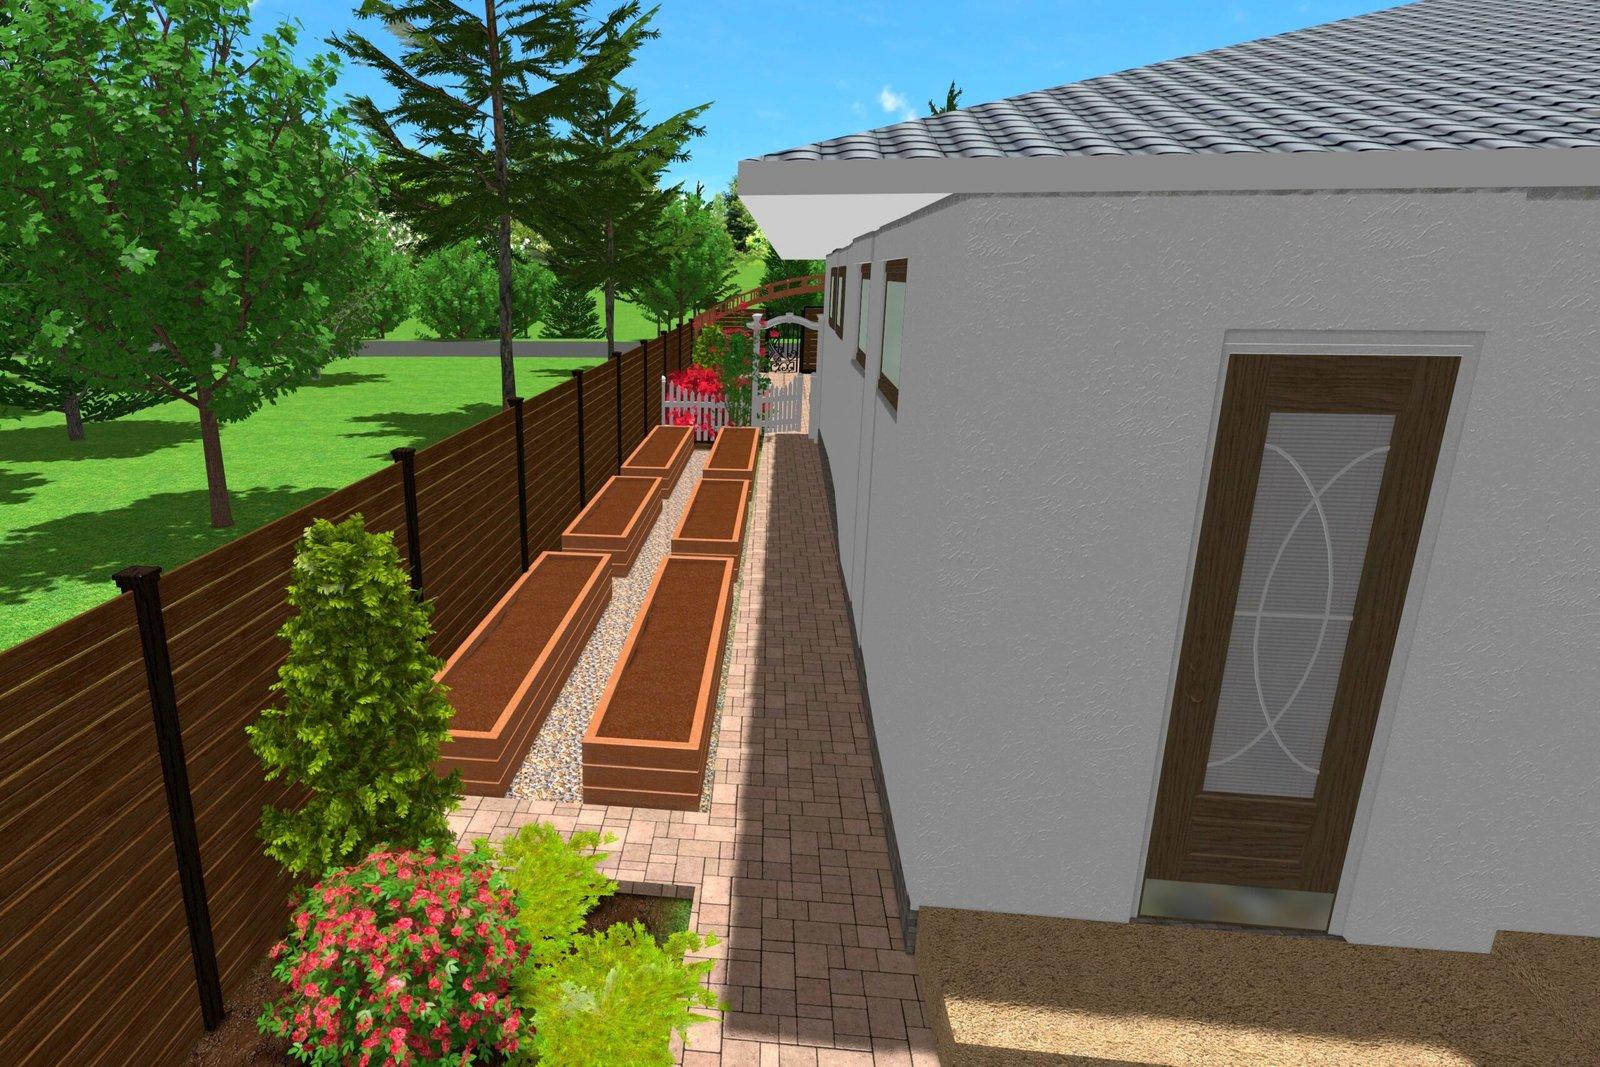 Основные принципы ландшафтного дизайна, Дизайн дачного участка с огородом, цельная территория участка, уютный ландшафт,